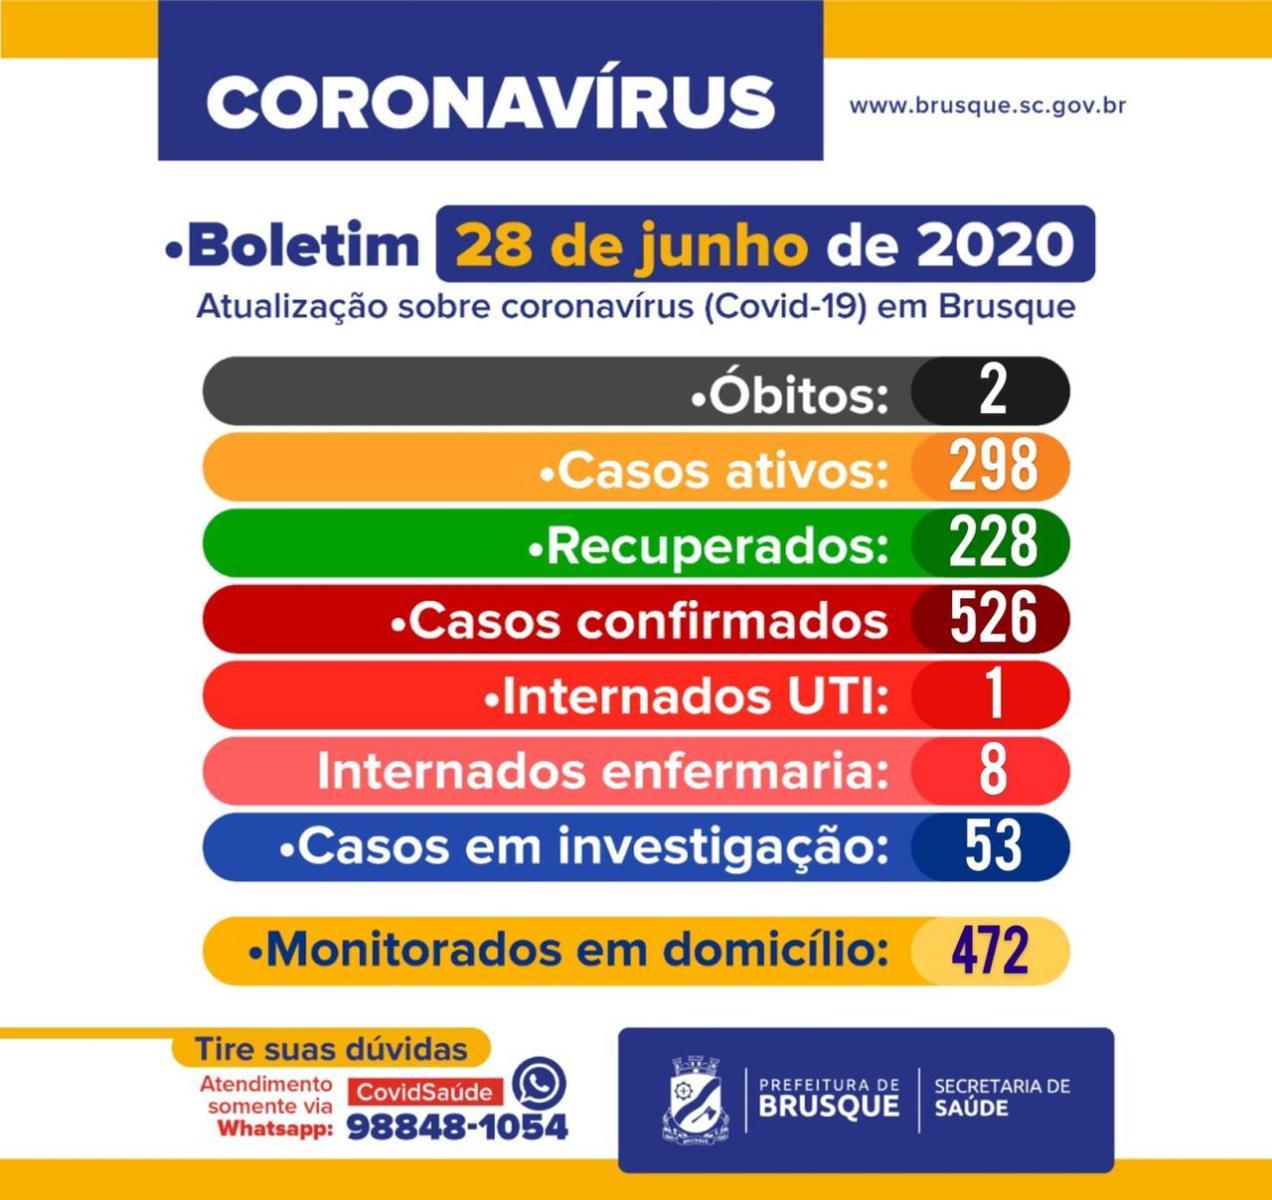 Boletim COVID-19 (28/06): Três novos casos nas últimas 24 horas